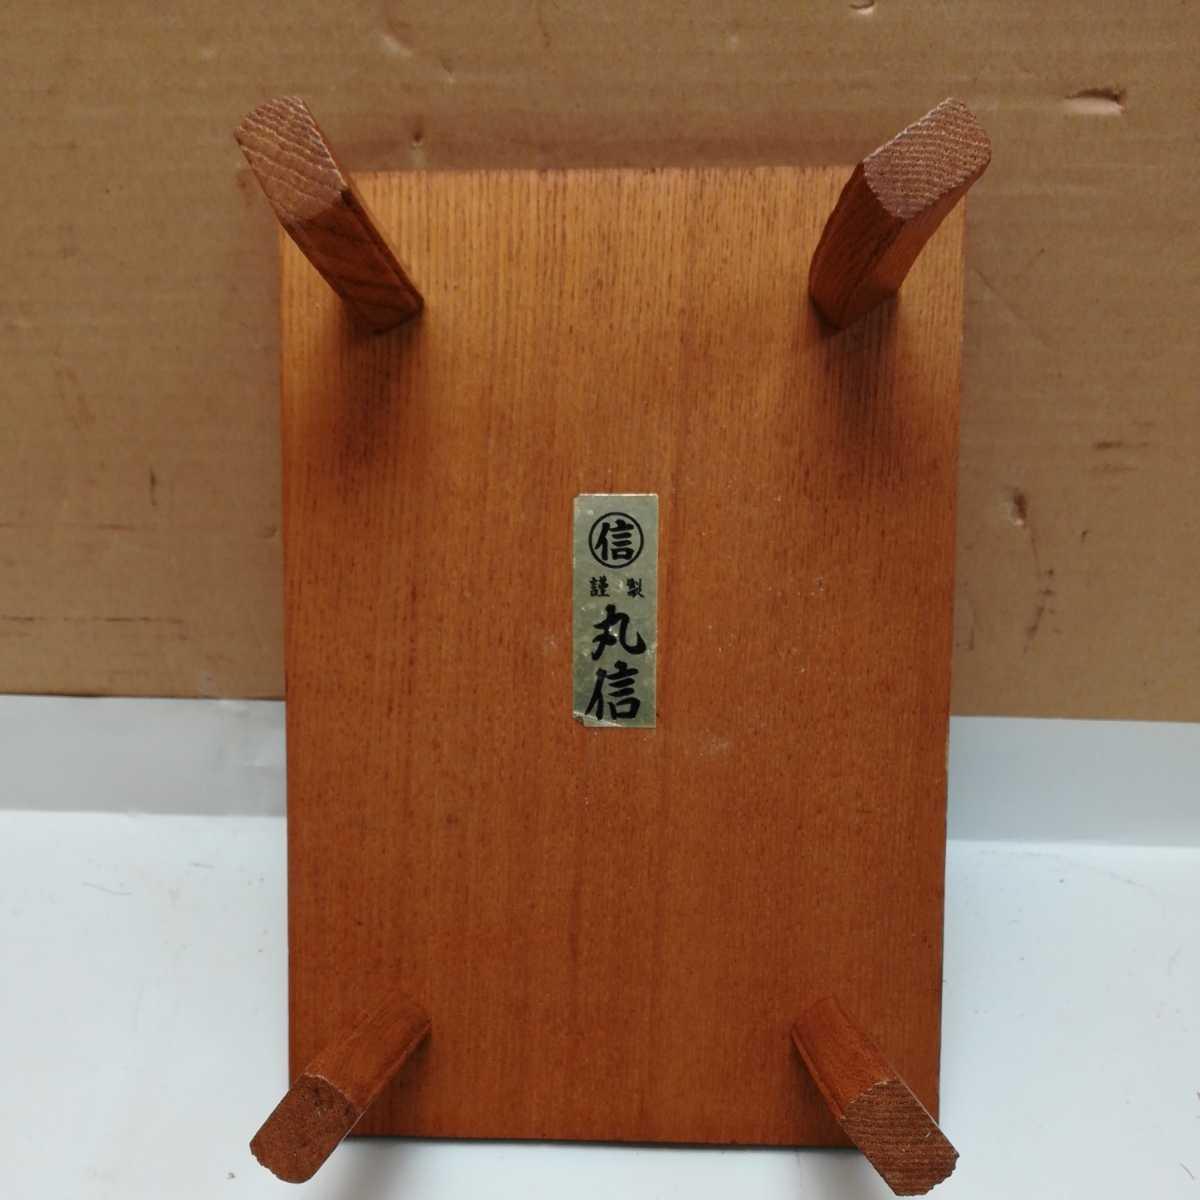 天然木 長方飾卓 長方花台 飾り台 盆栽台 香炉台 華道具 茶道具 23cmx16cmx高さ7.8cm_画像5